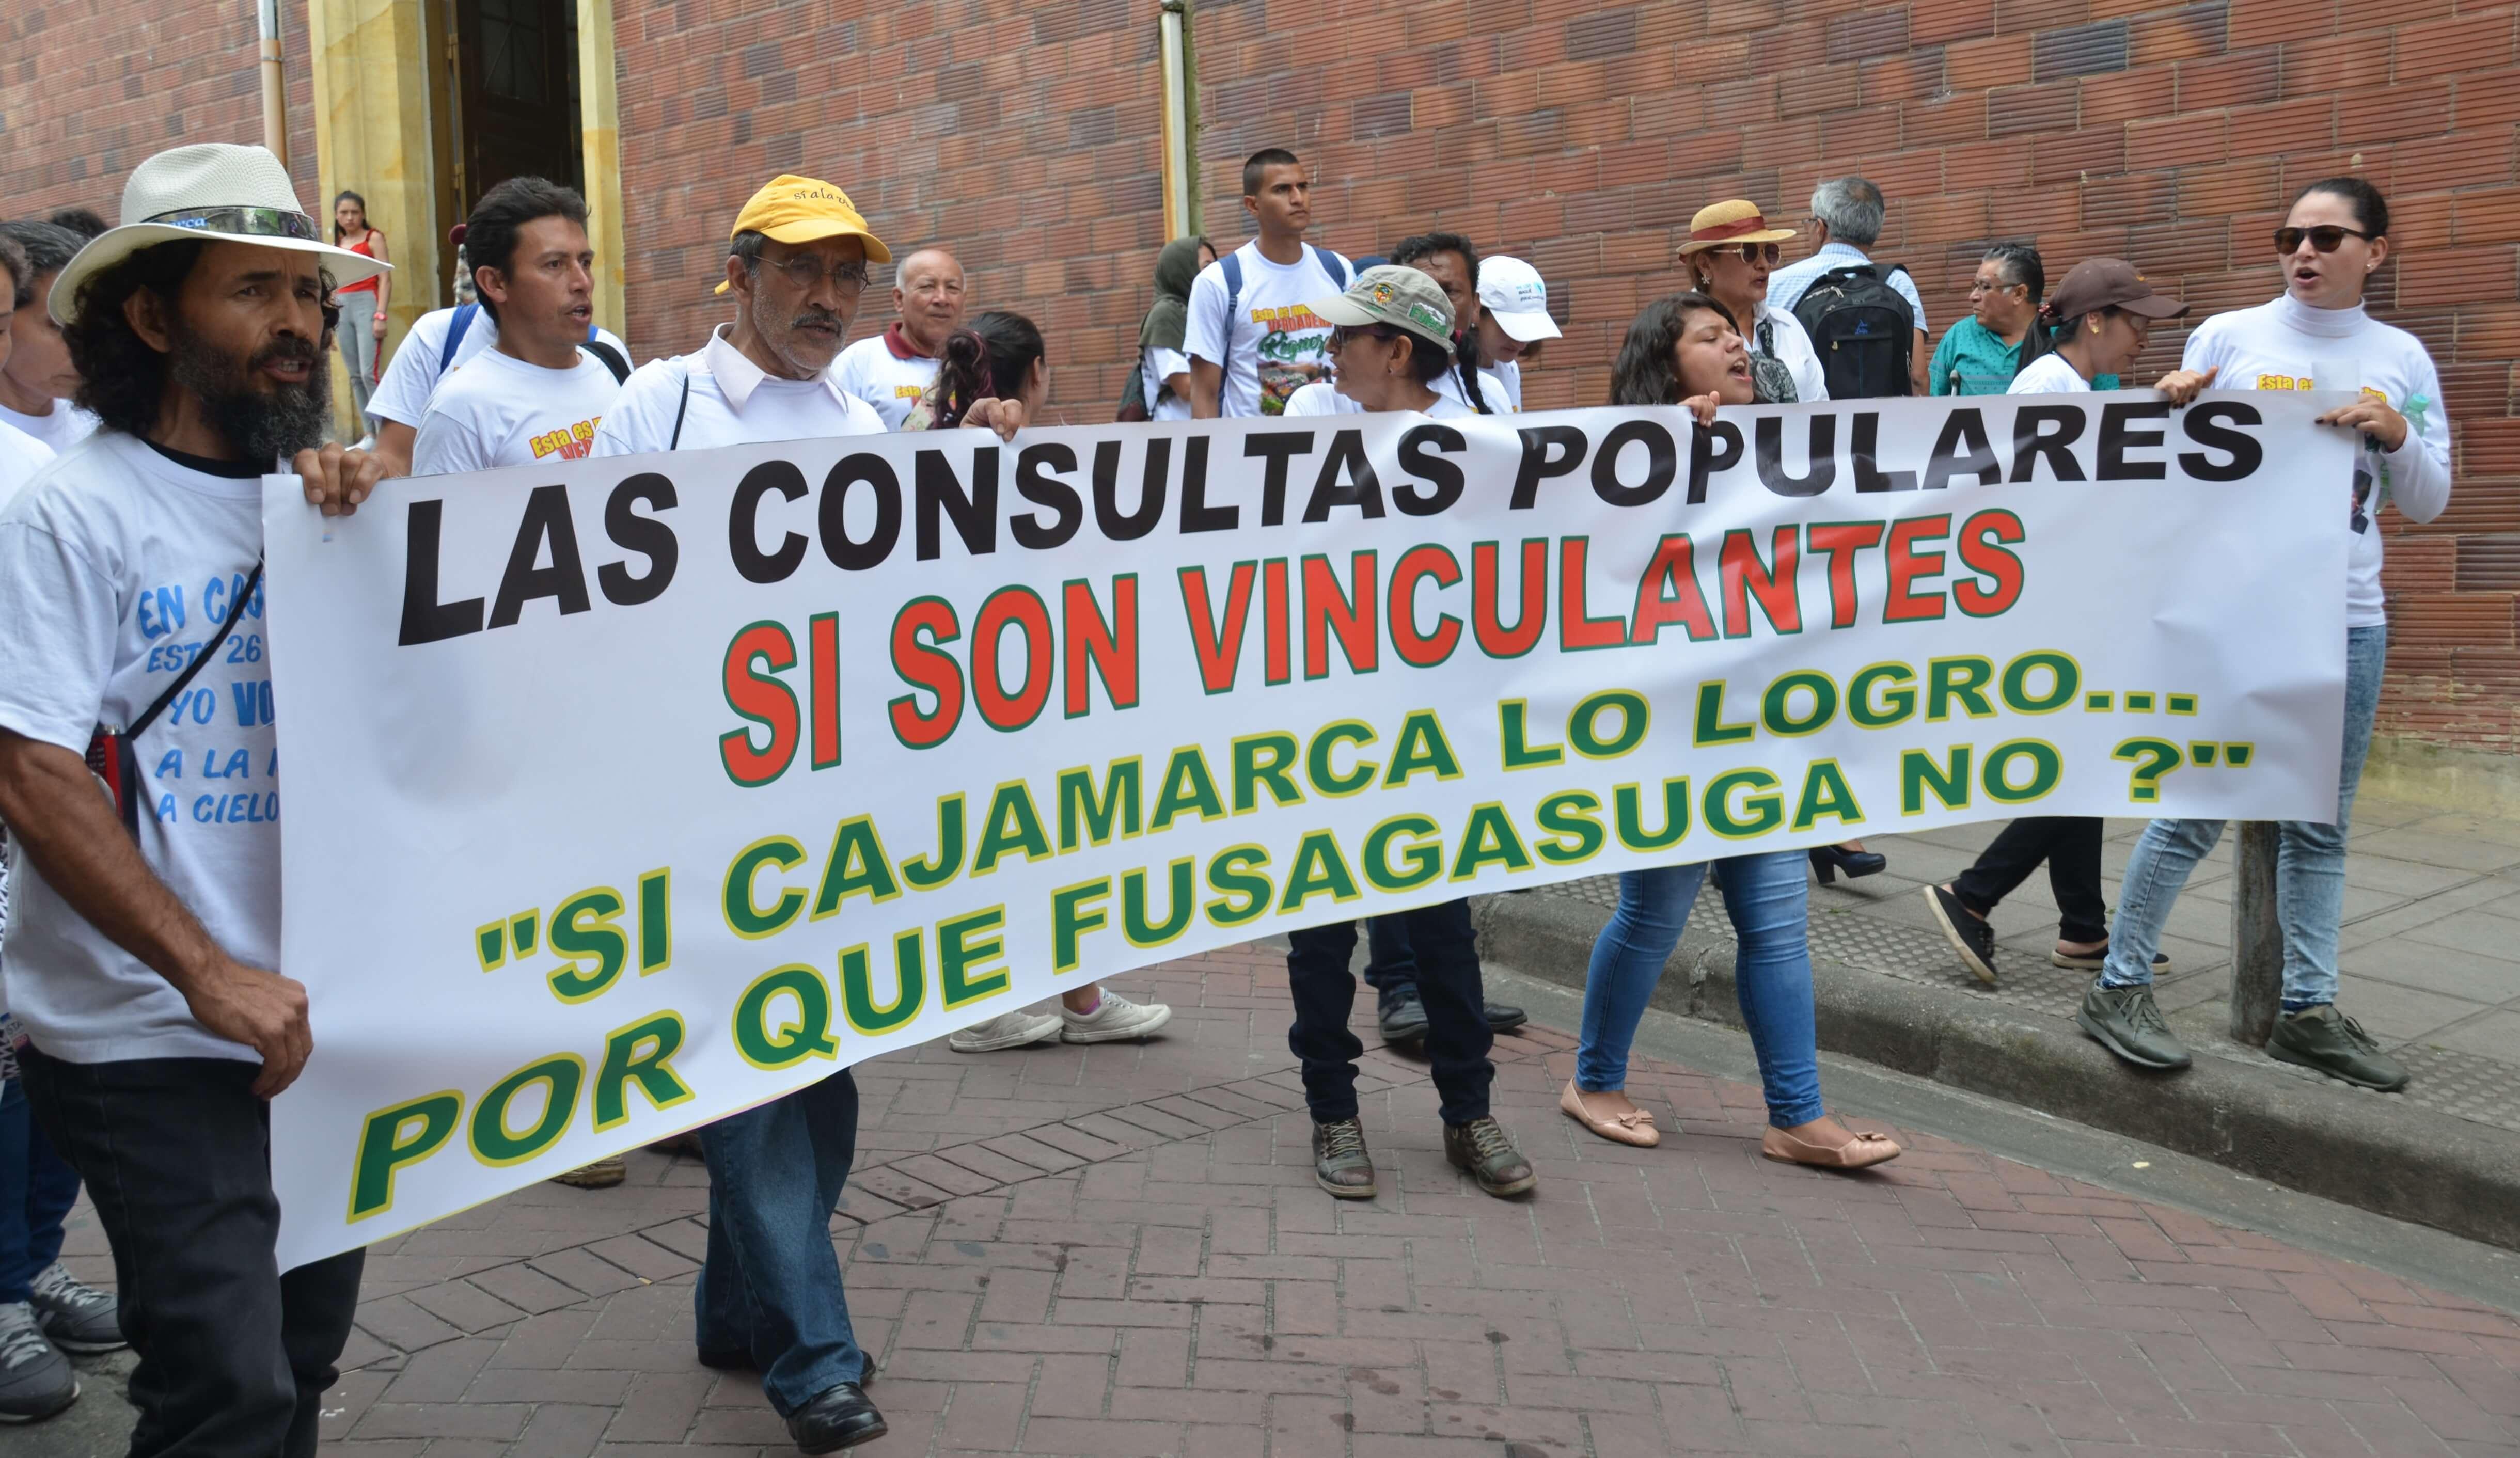 Fusagasugá: la mayor consulta de Colombia, sobre el páramo más grande del mundo